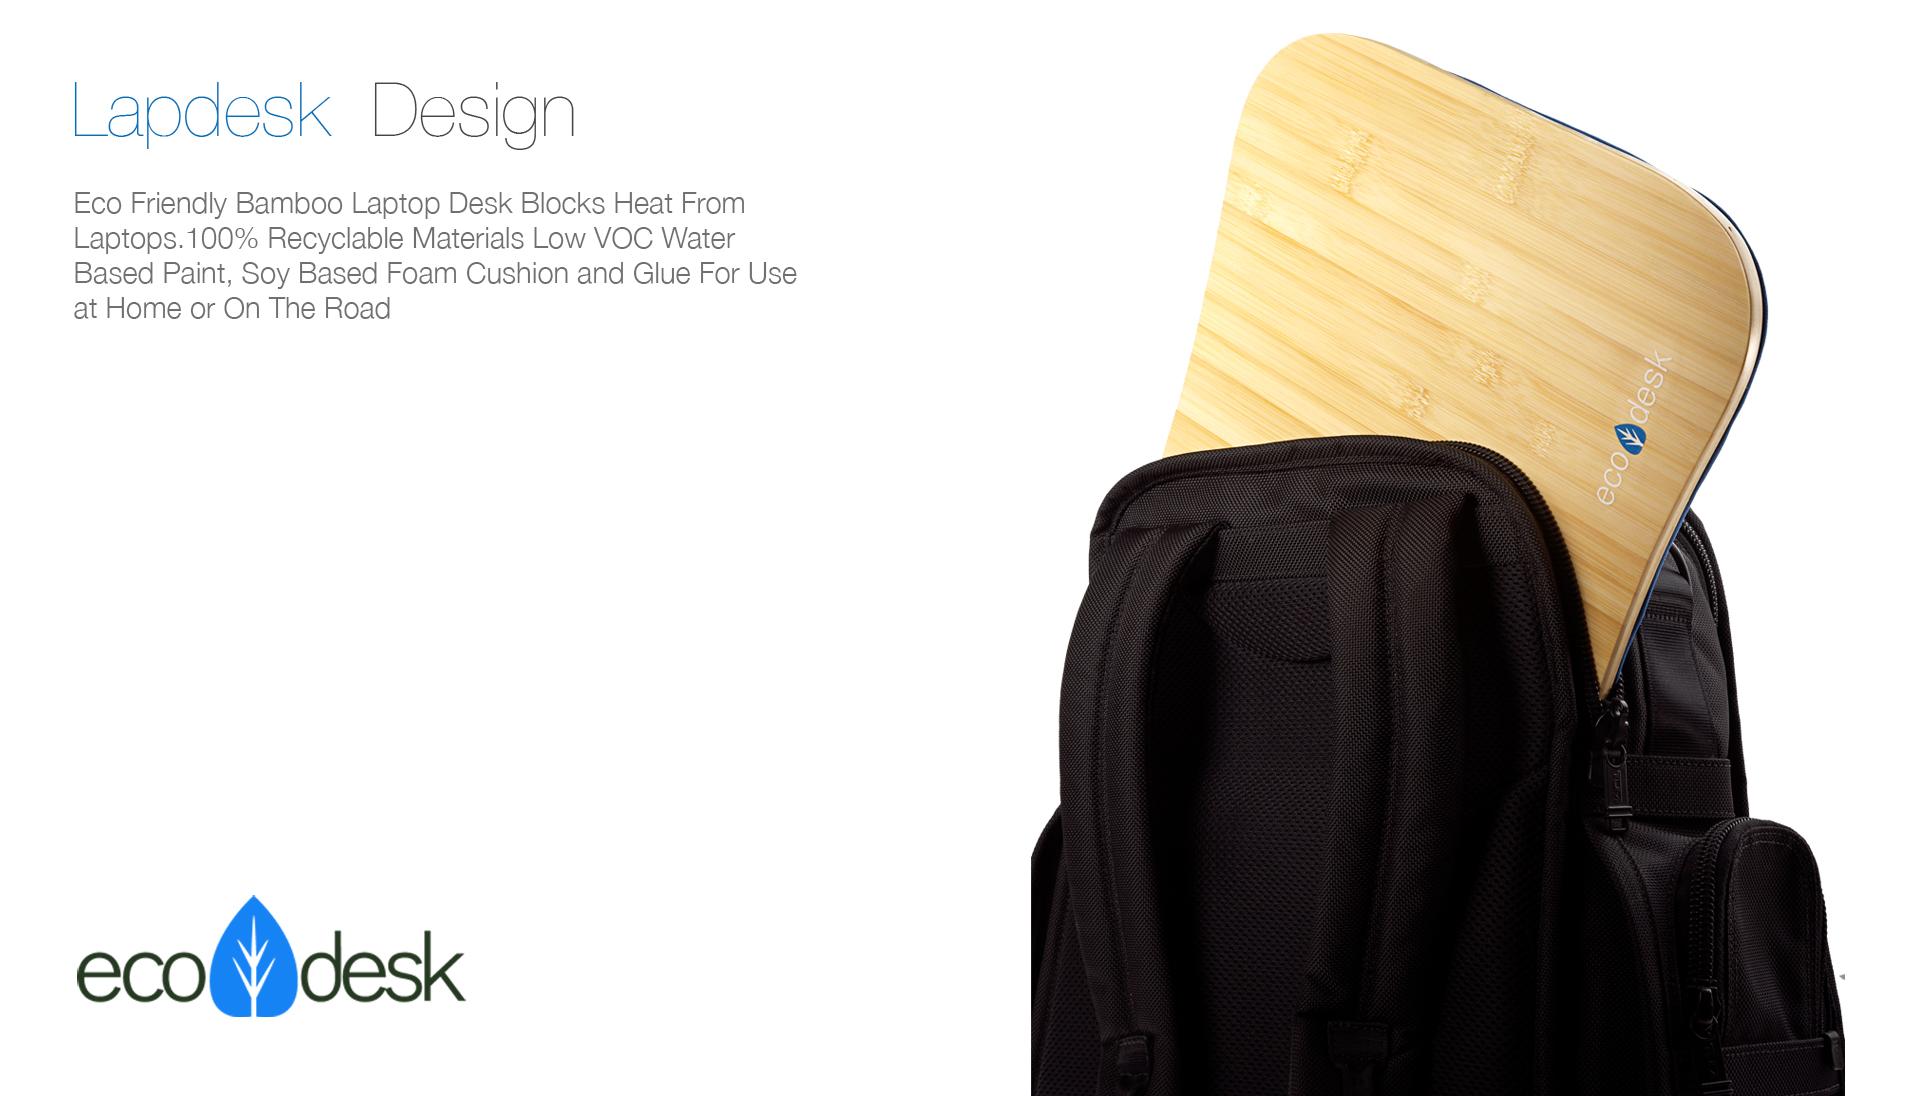 Project Slide Images Eco Desk3.jpg